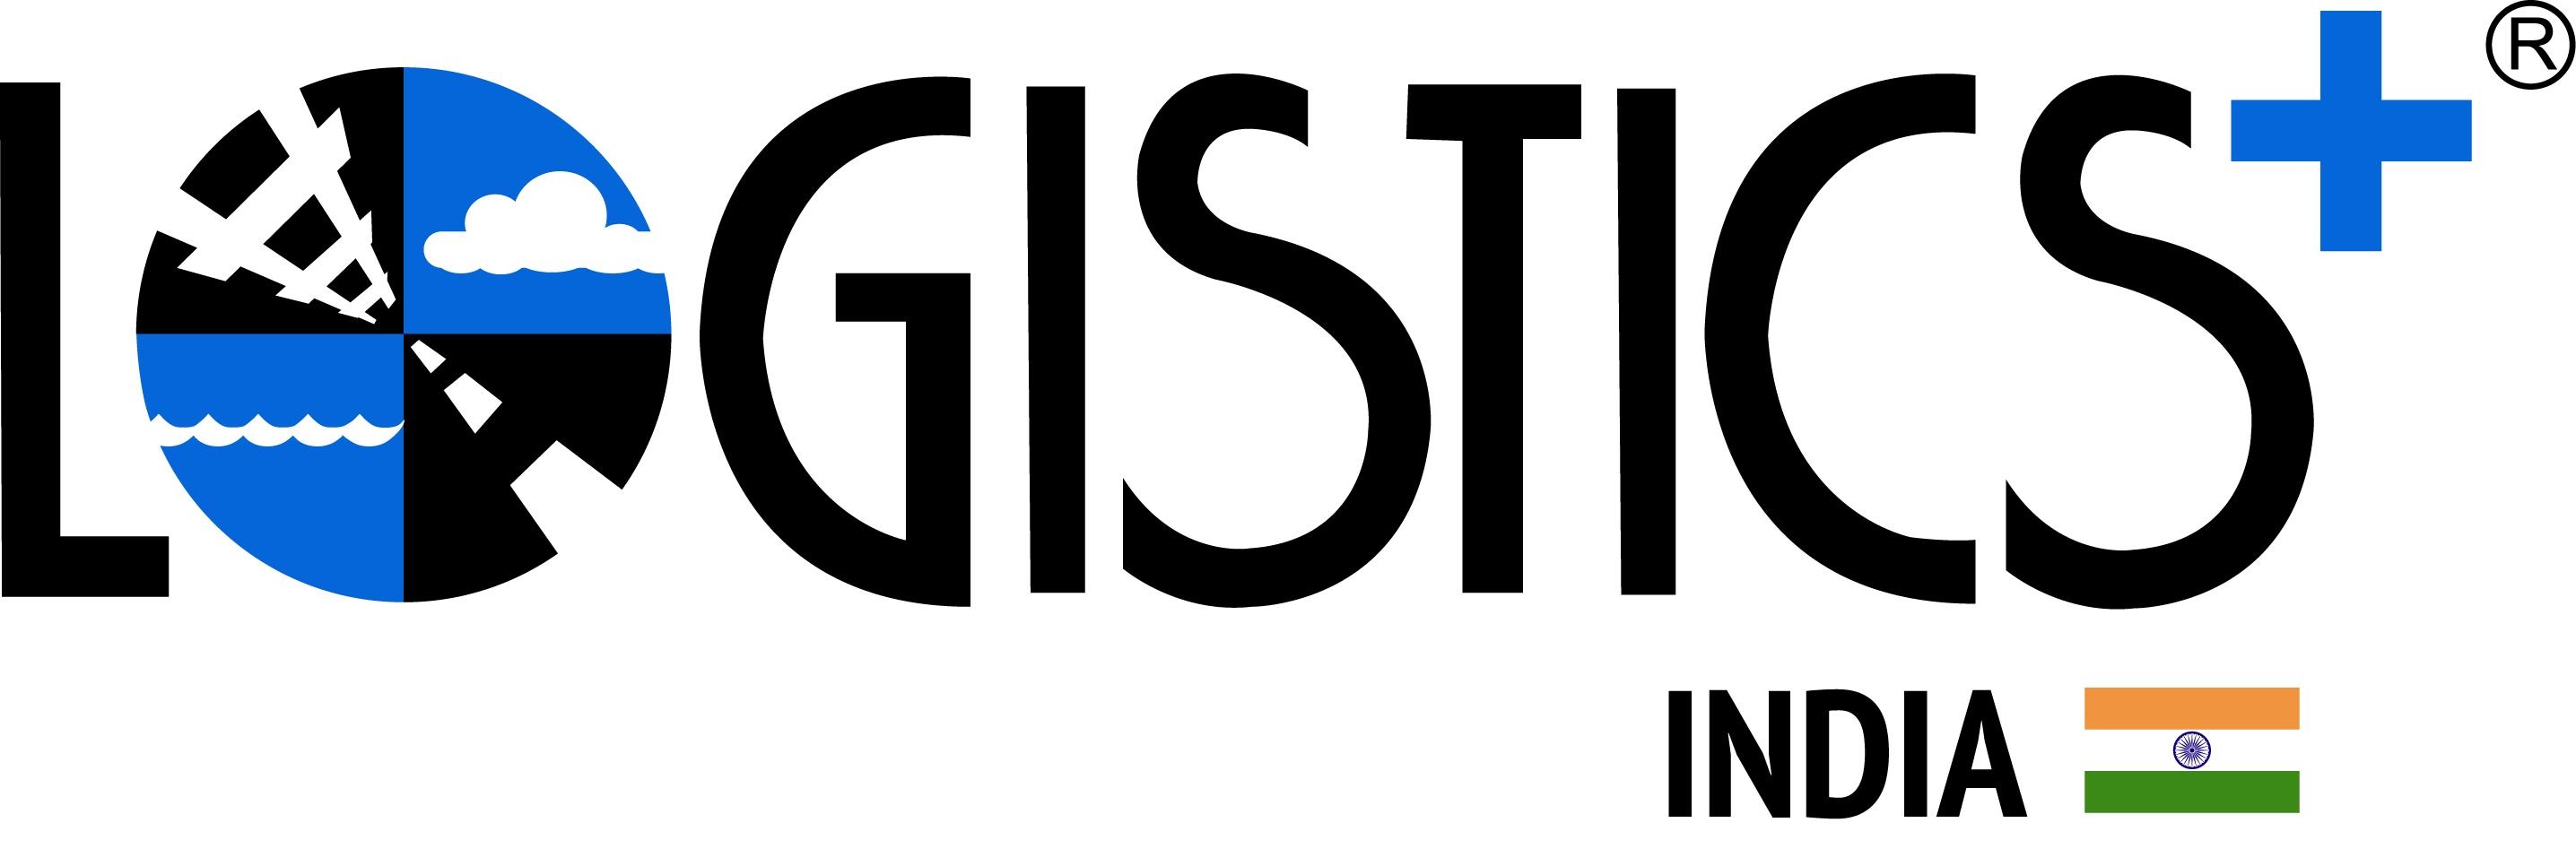 Logistics Plus India celebrates 5th anniversary